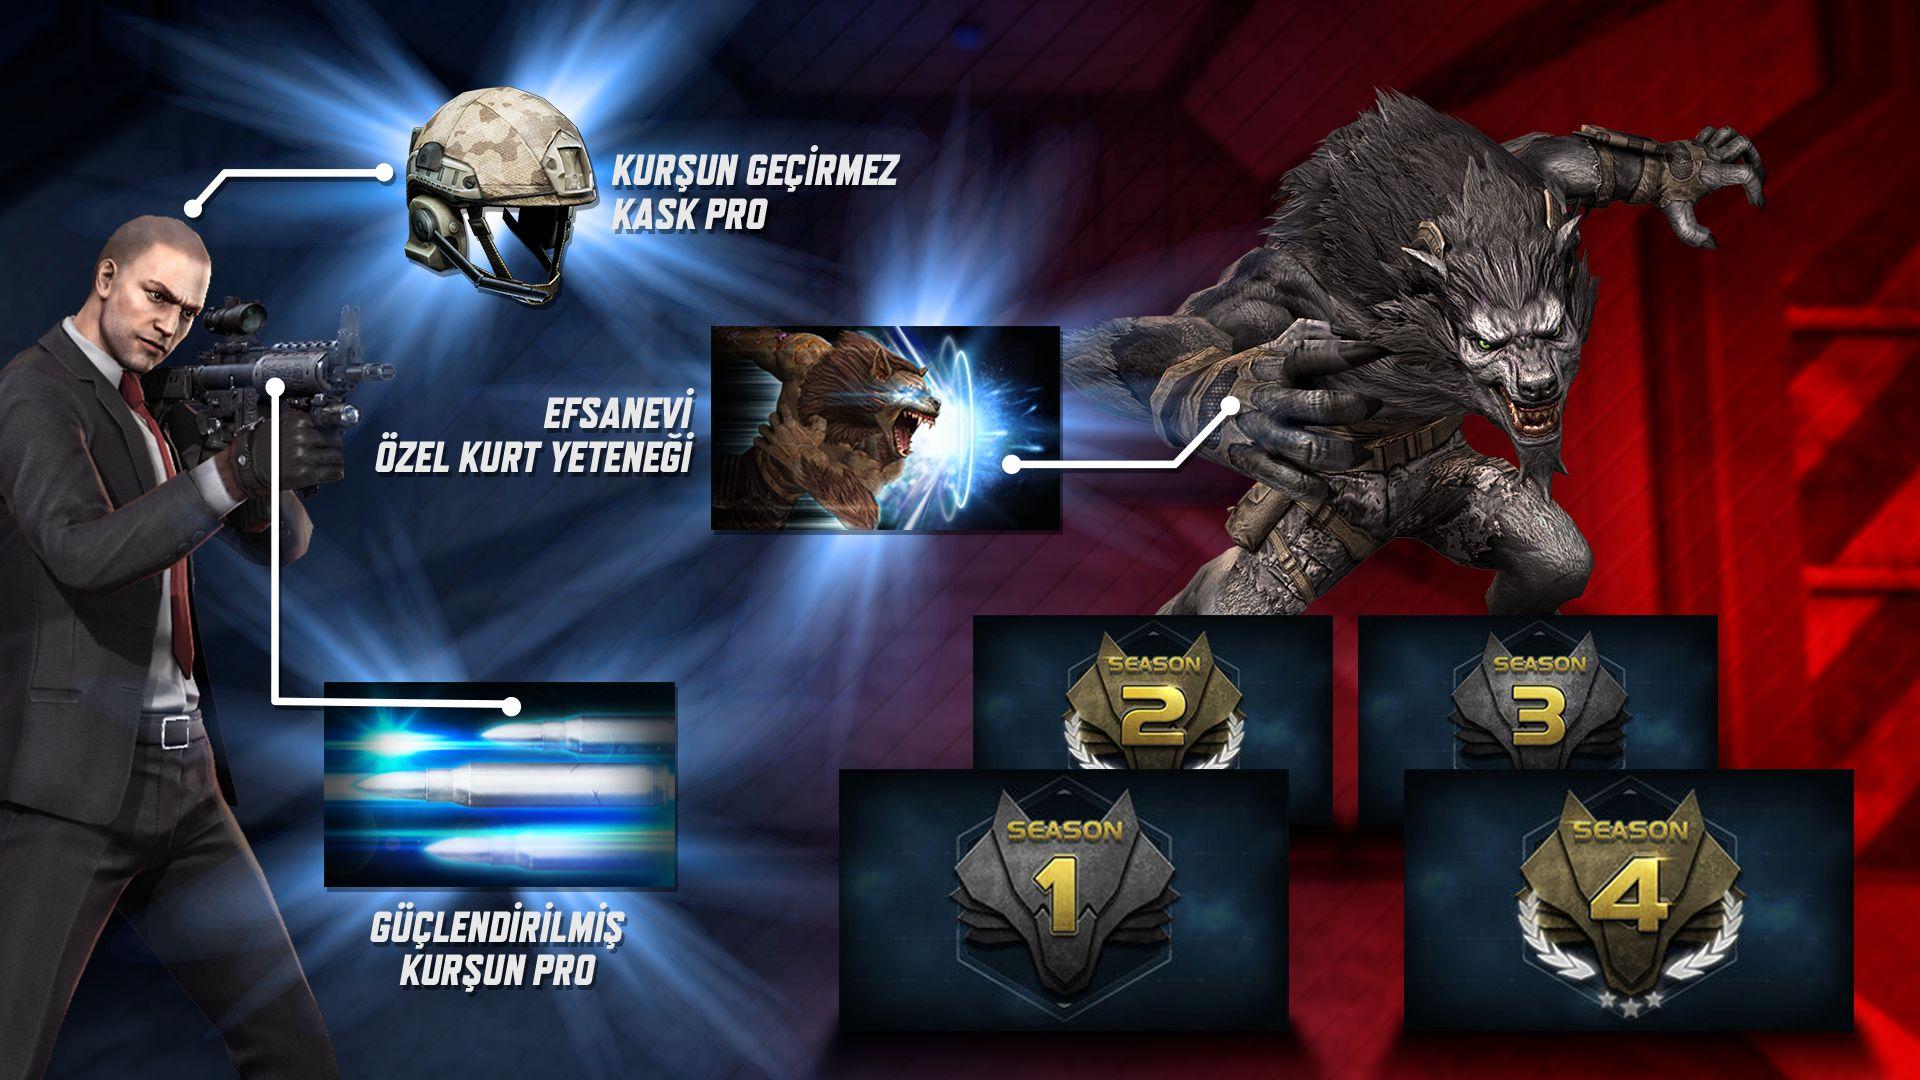 Wolfteam Sezon Paketleri'nde gücüne güç katan farklı hediyeler var